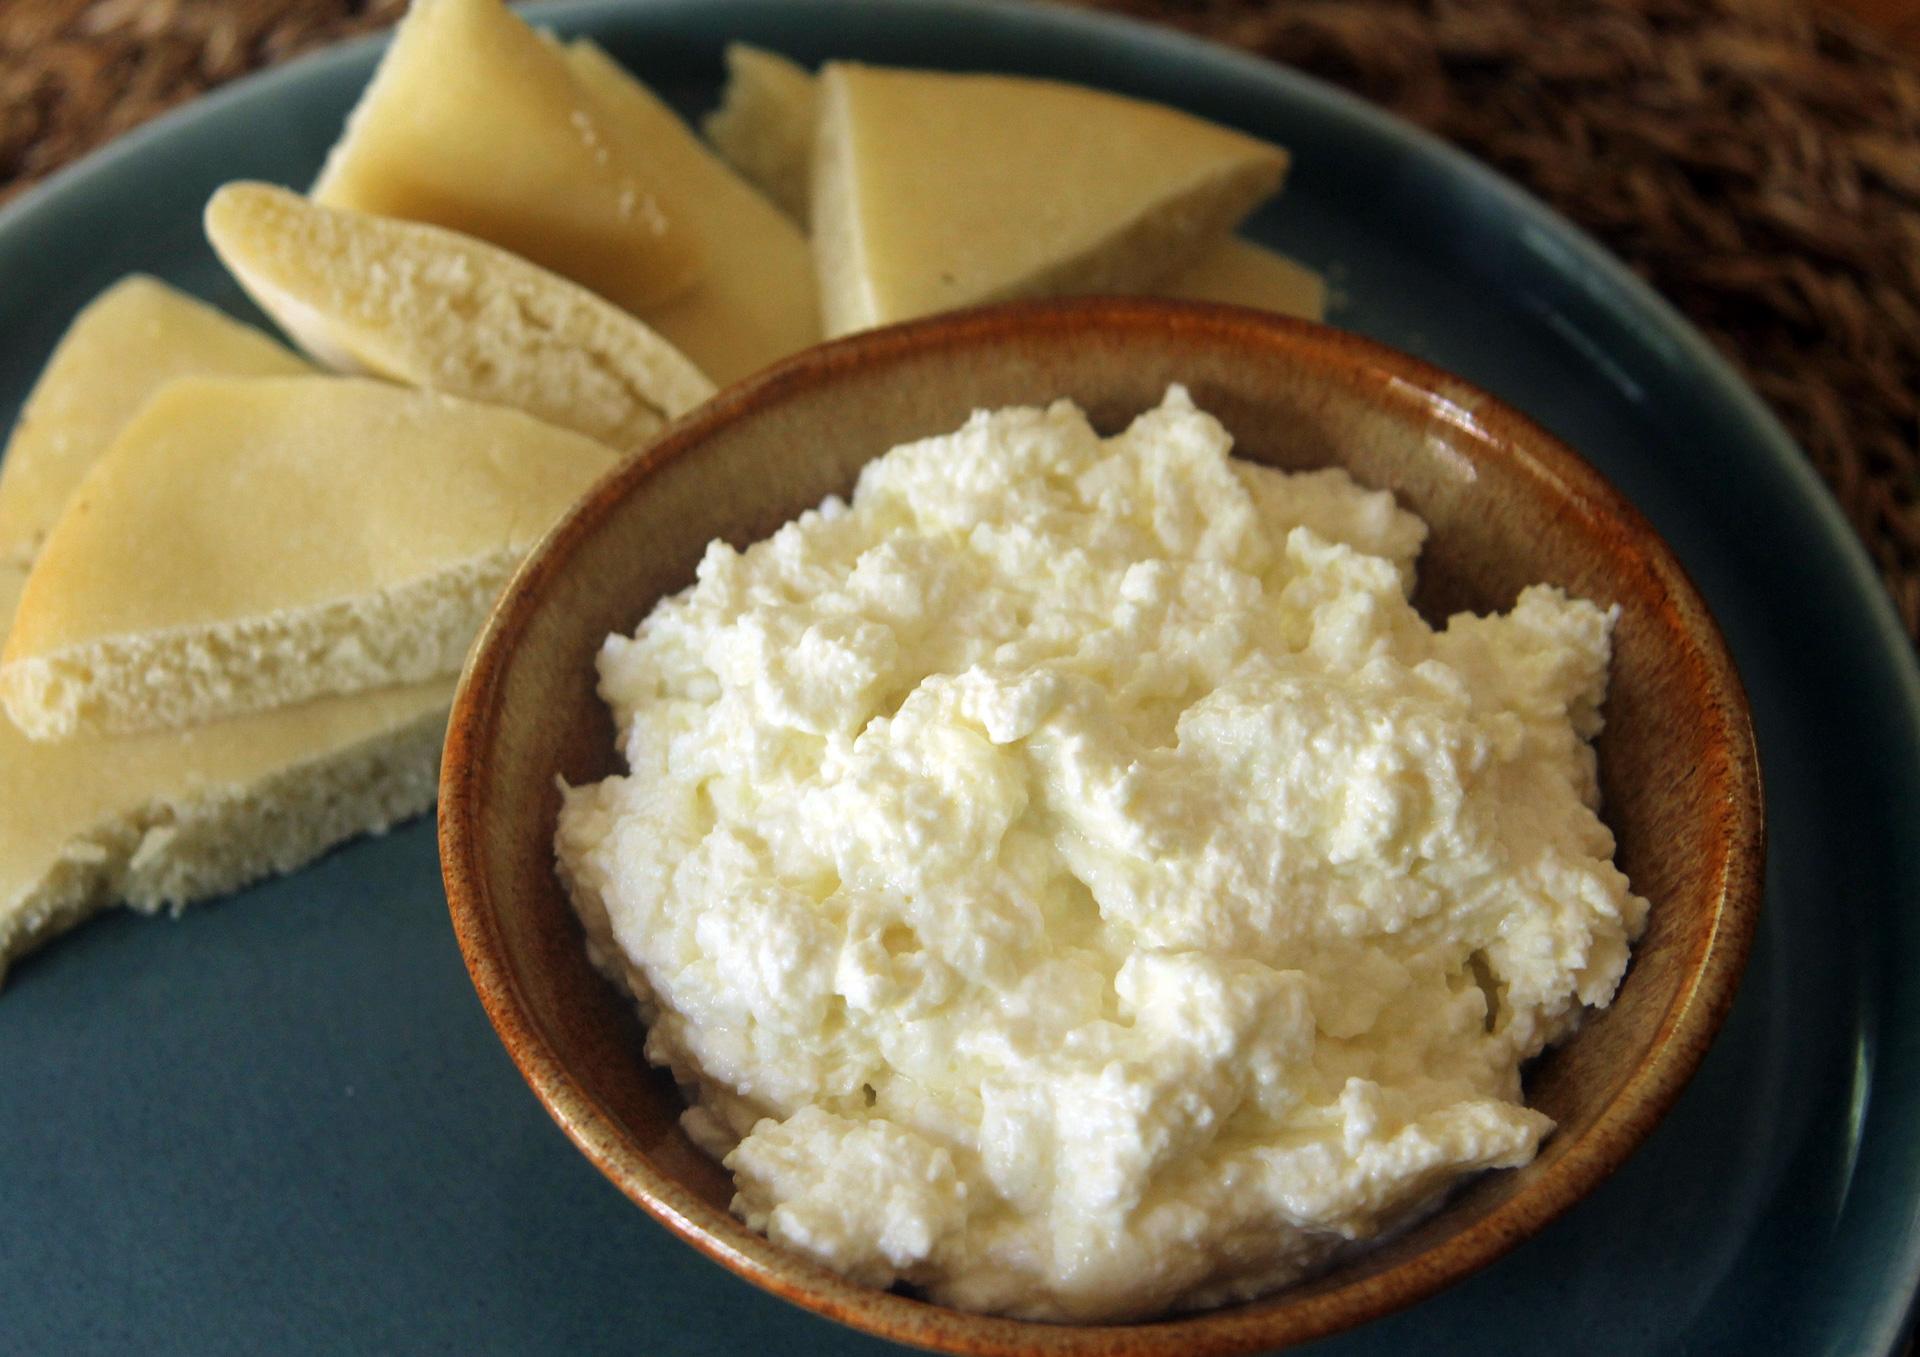 Homemade ricotta cheese.